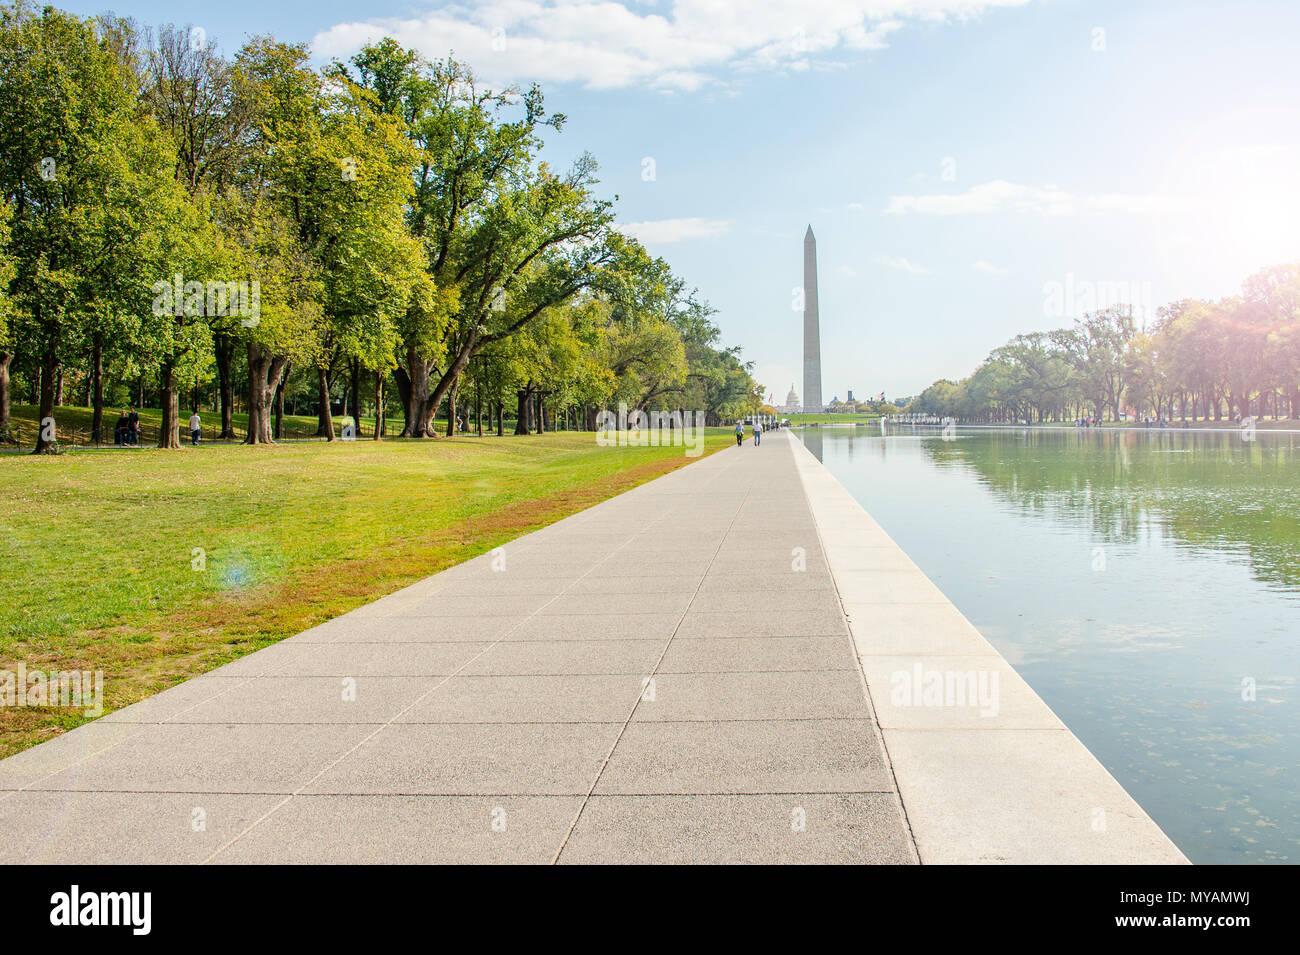 Washington, DC Ottobre 2016: un raro momento di quiete sul National Mall nella capitale della nazione la AMID ha riportato il caos in corso nella Casa Bianca Immagini Stock